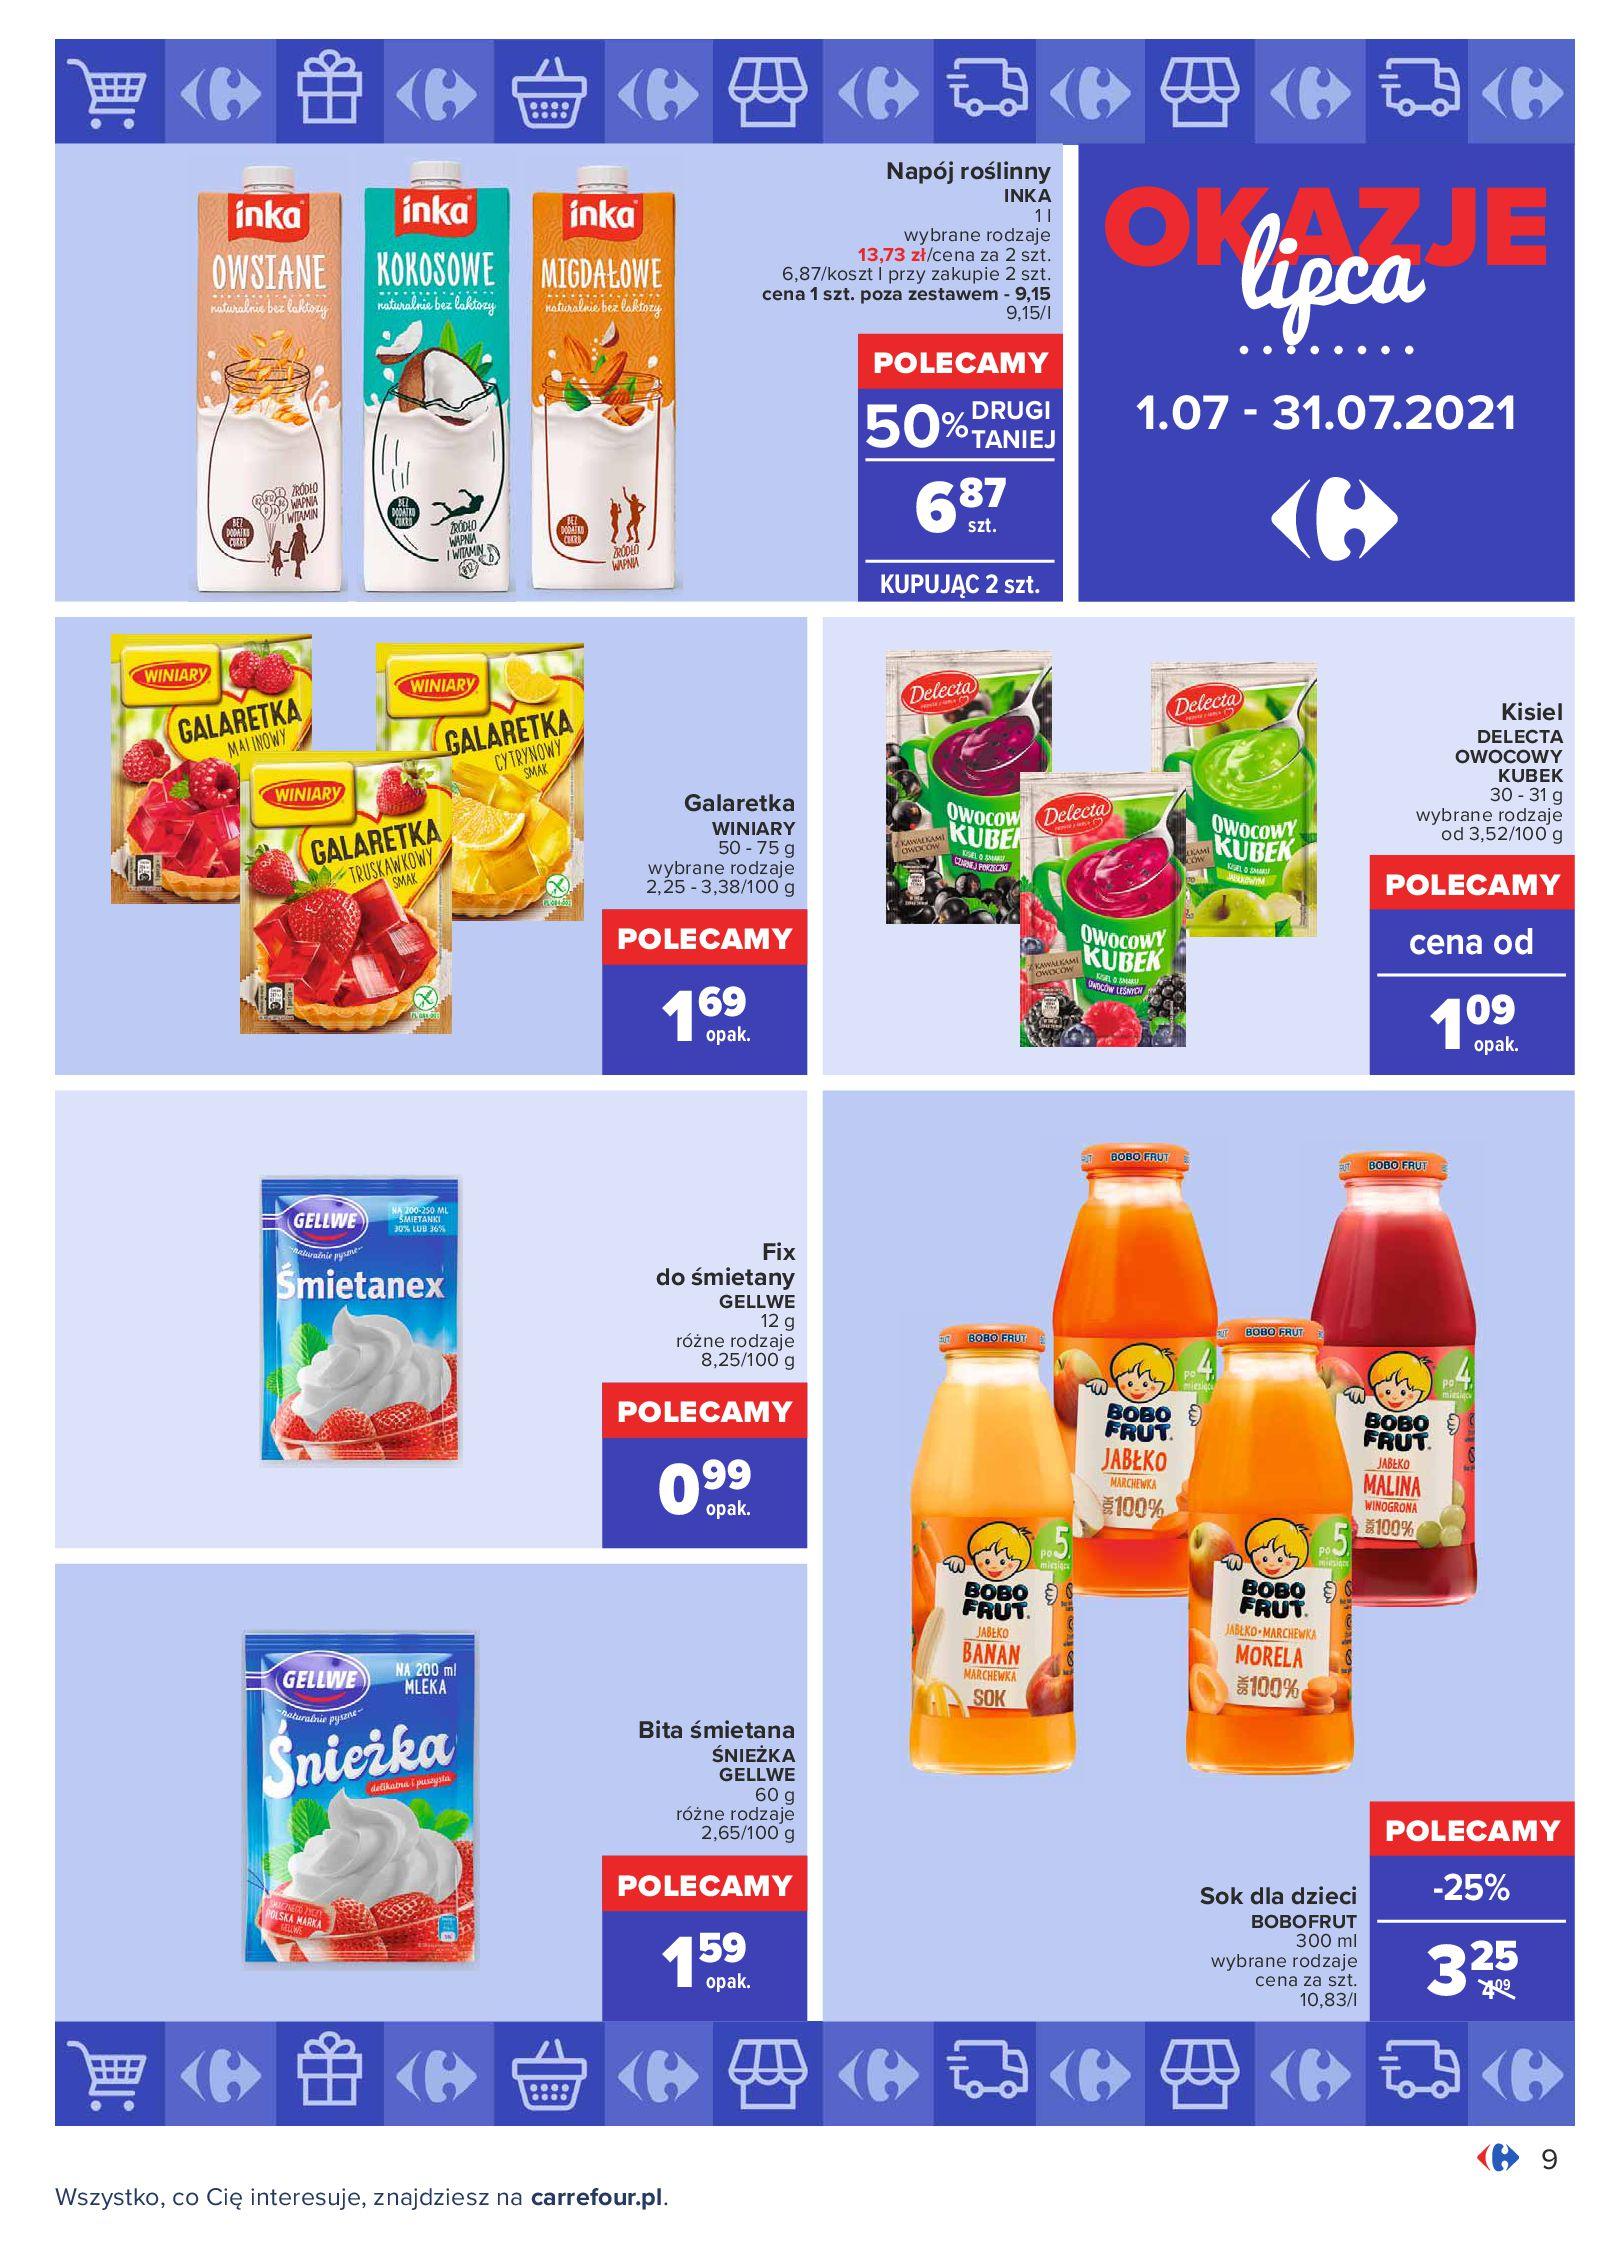 Gazetka Carrefour: Gazetka Carrefour - Okazje lipca 2021-07-01 page-9